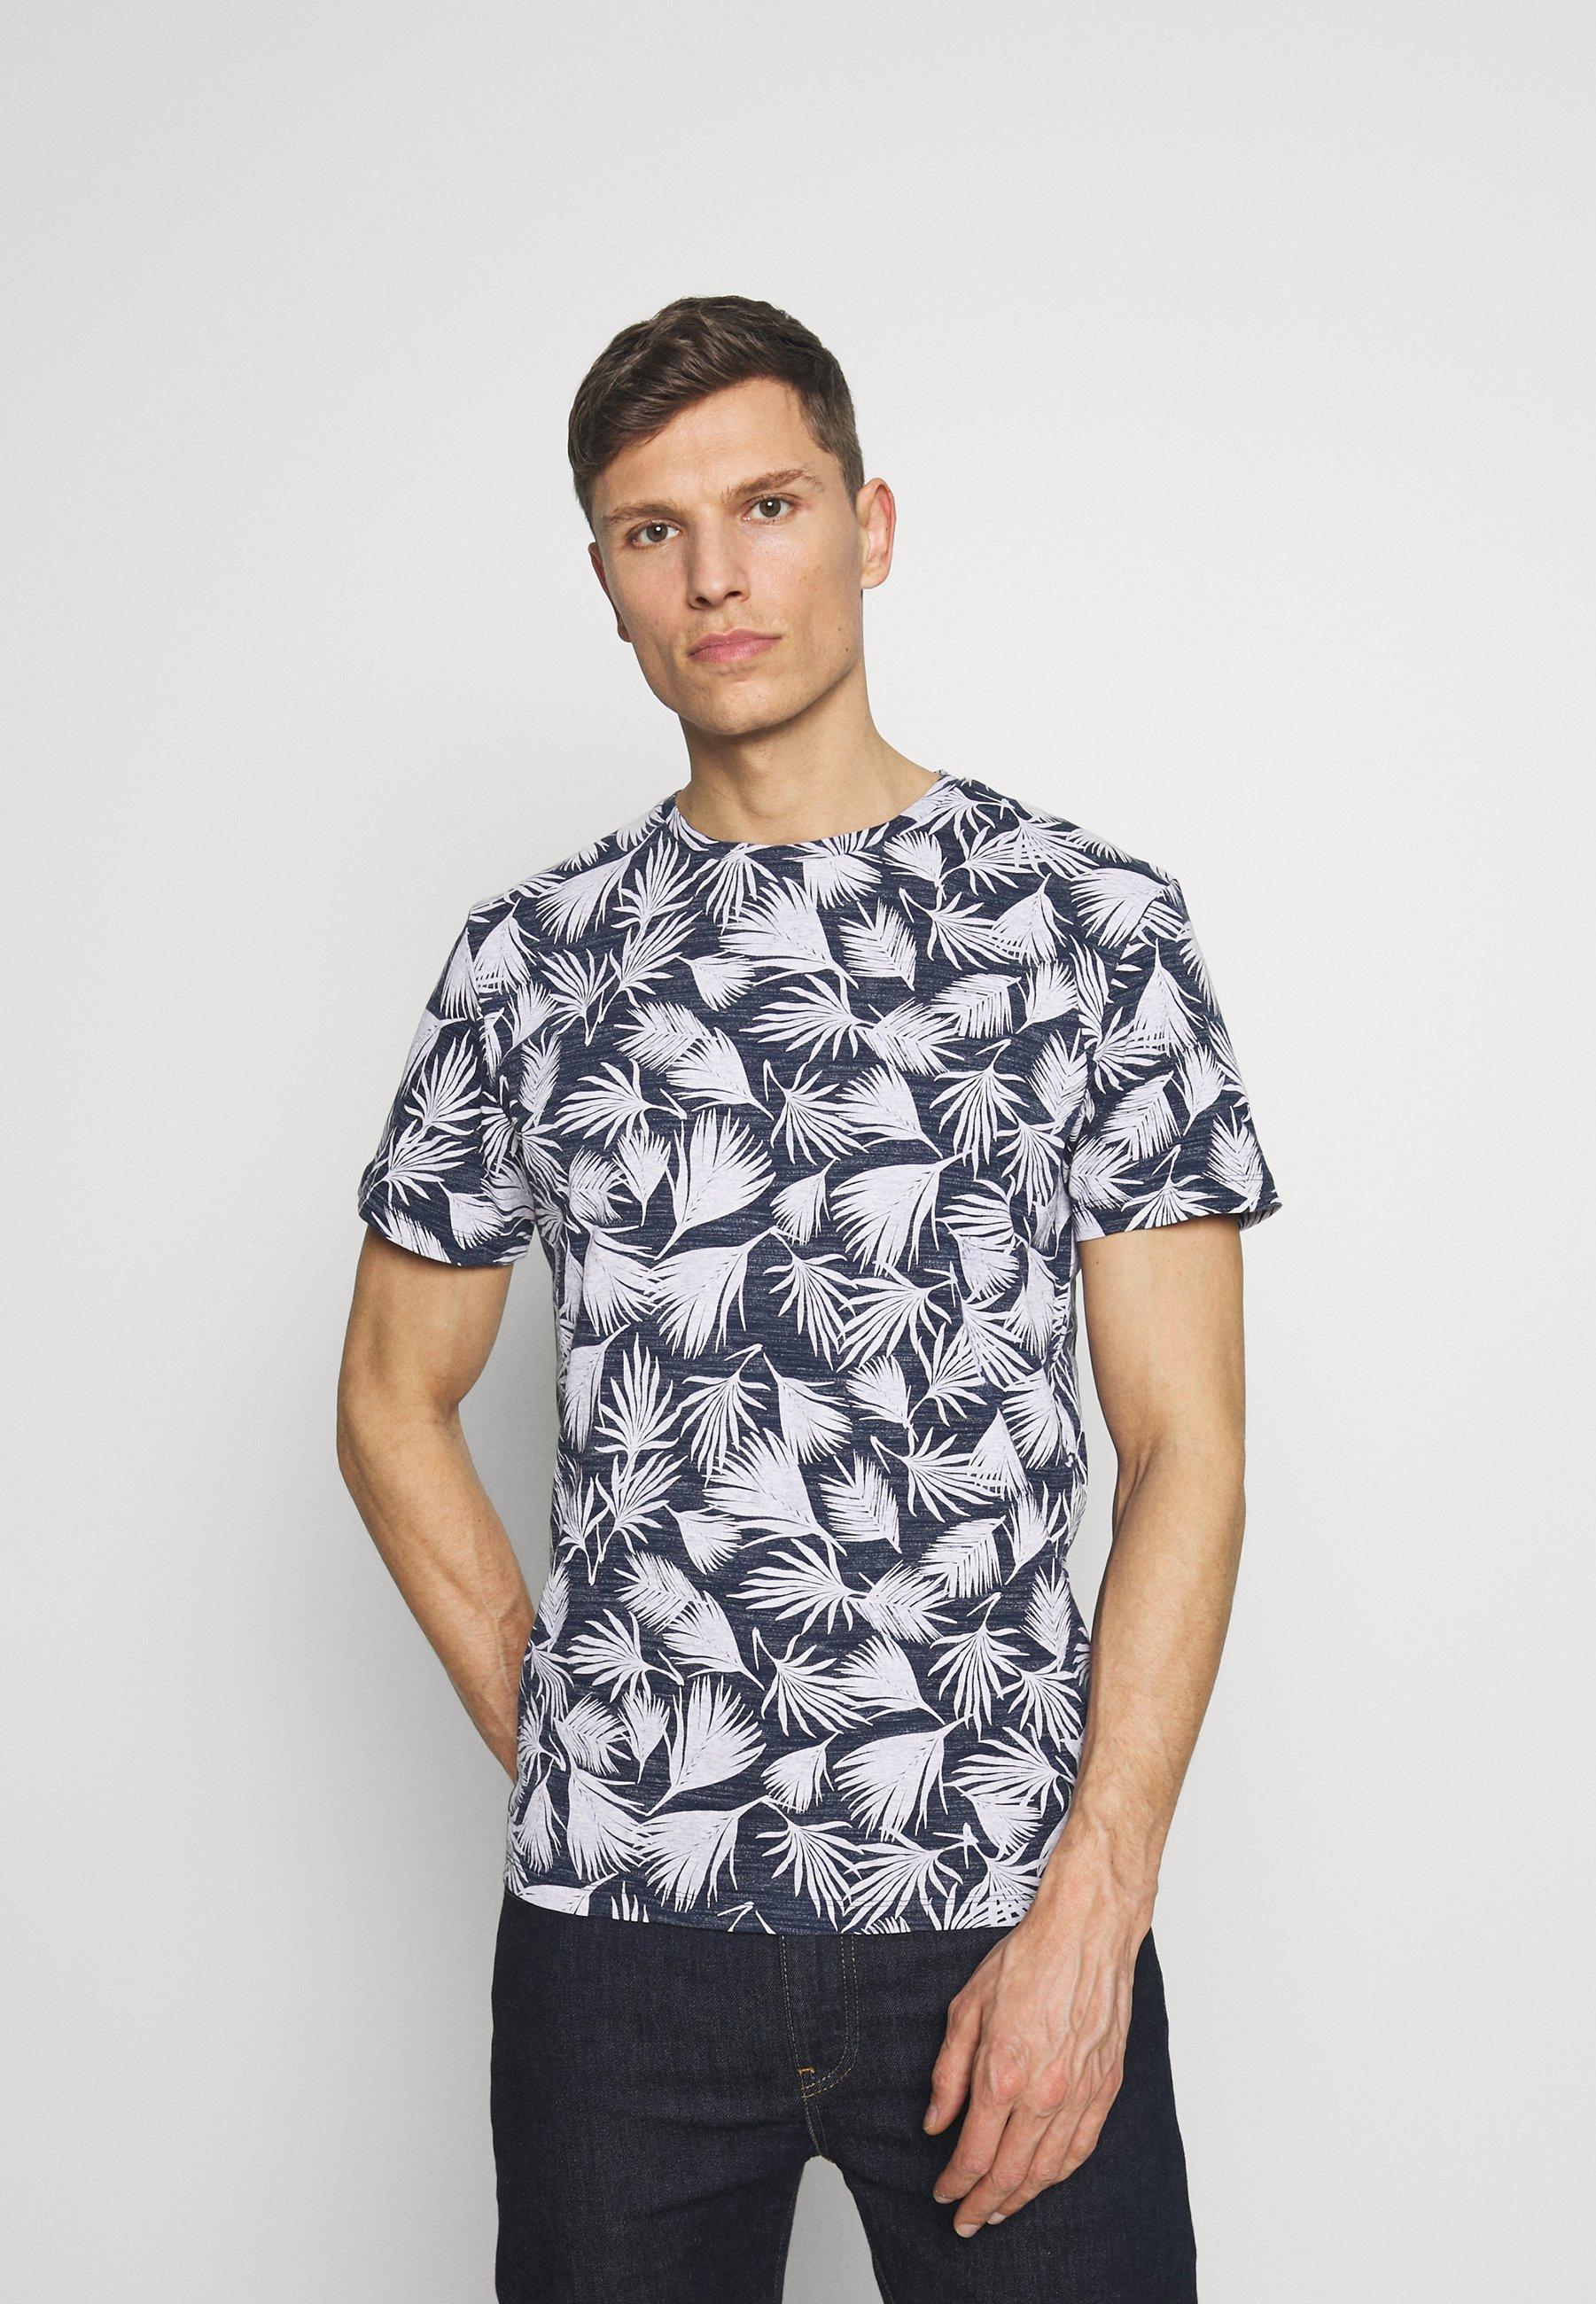 TOM TAILOR DENIM ALLOVERPRINTED - T-shirts med print - white/blue navy